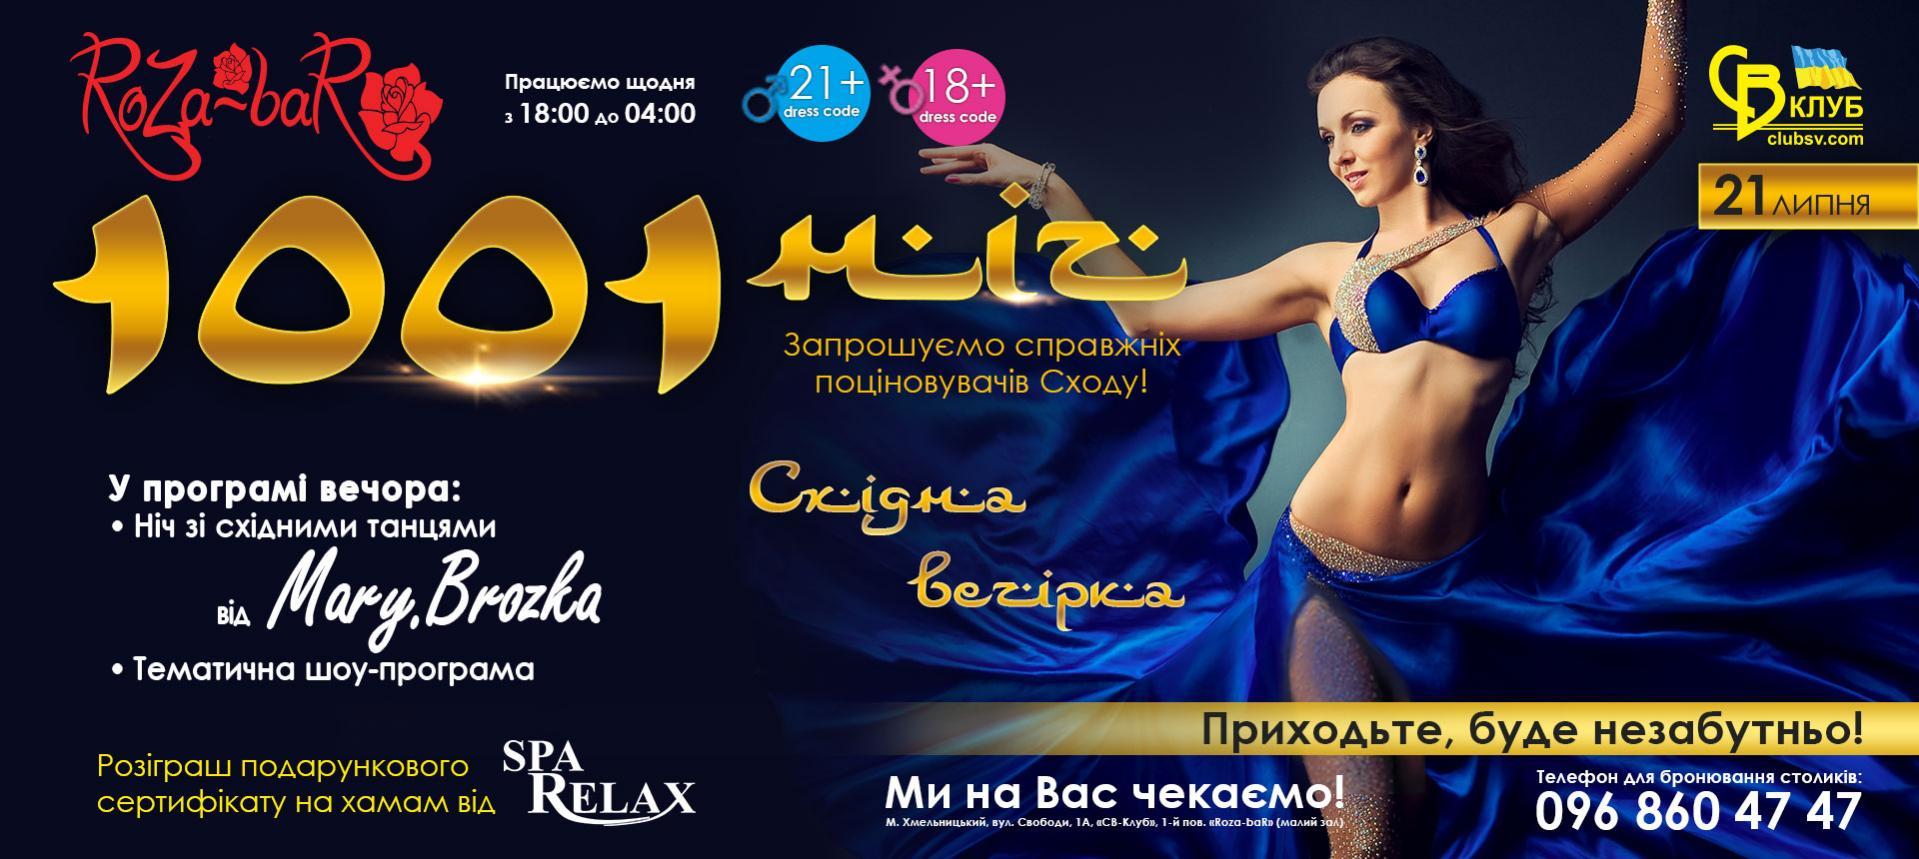 тематична вечірка у нічному клубі Роза Бар Хмельницький 1001 ніч